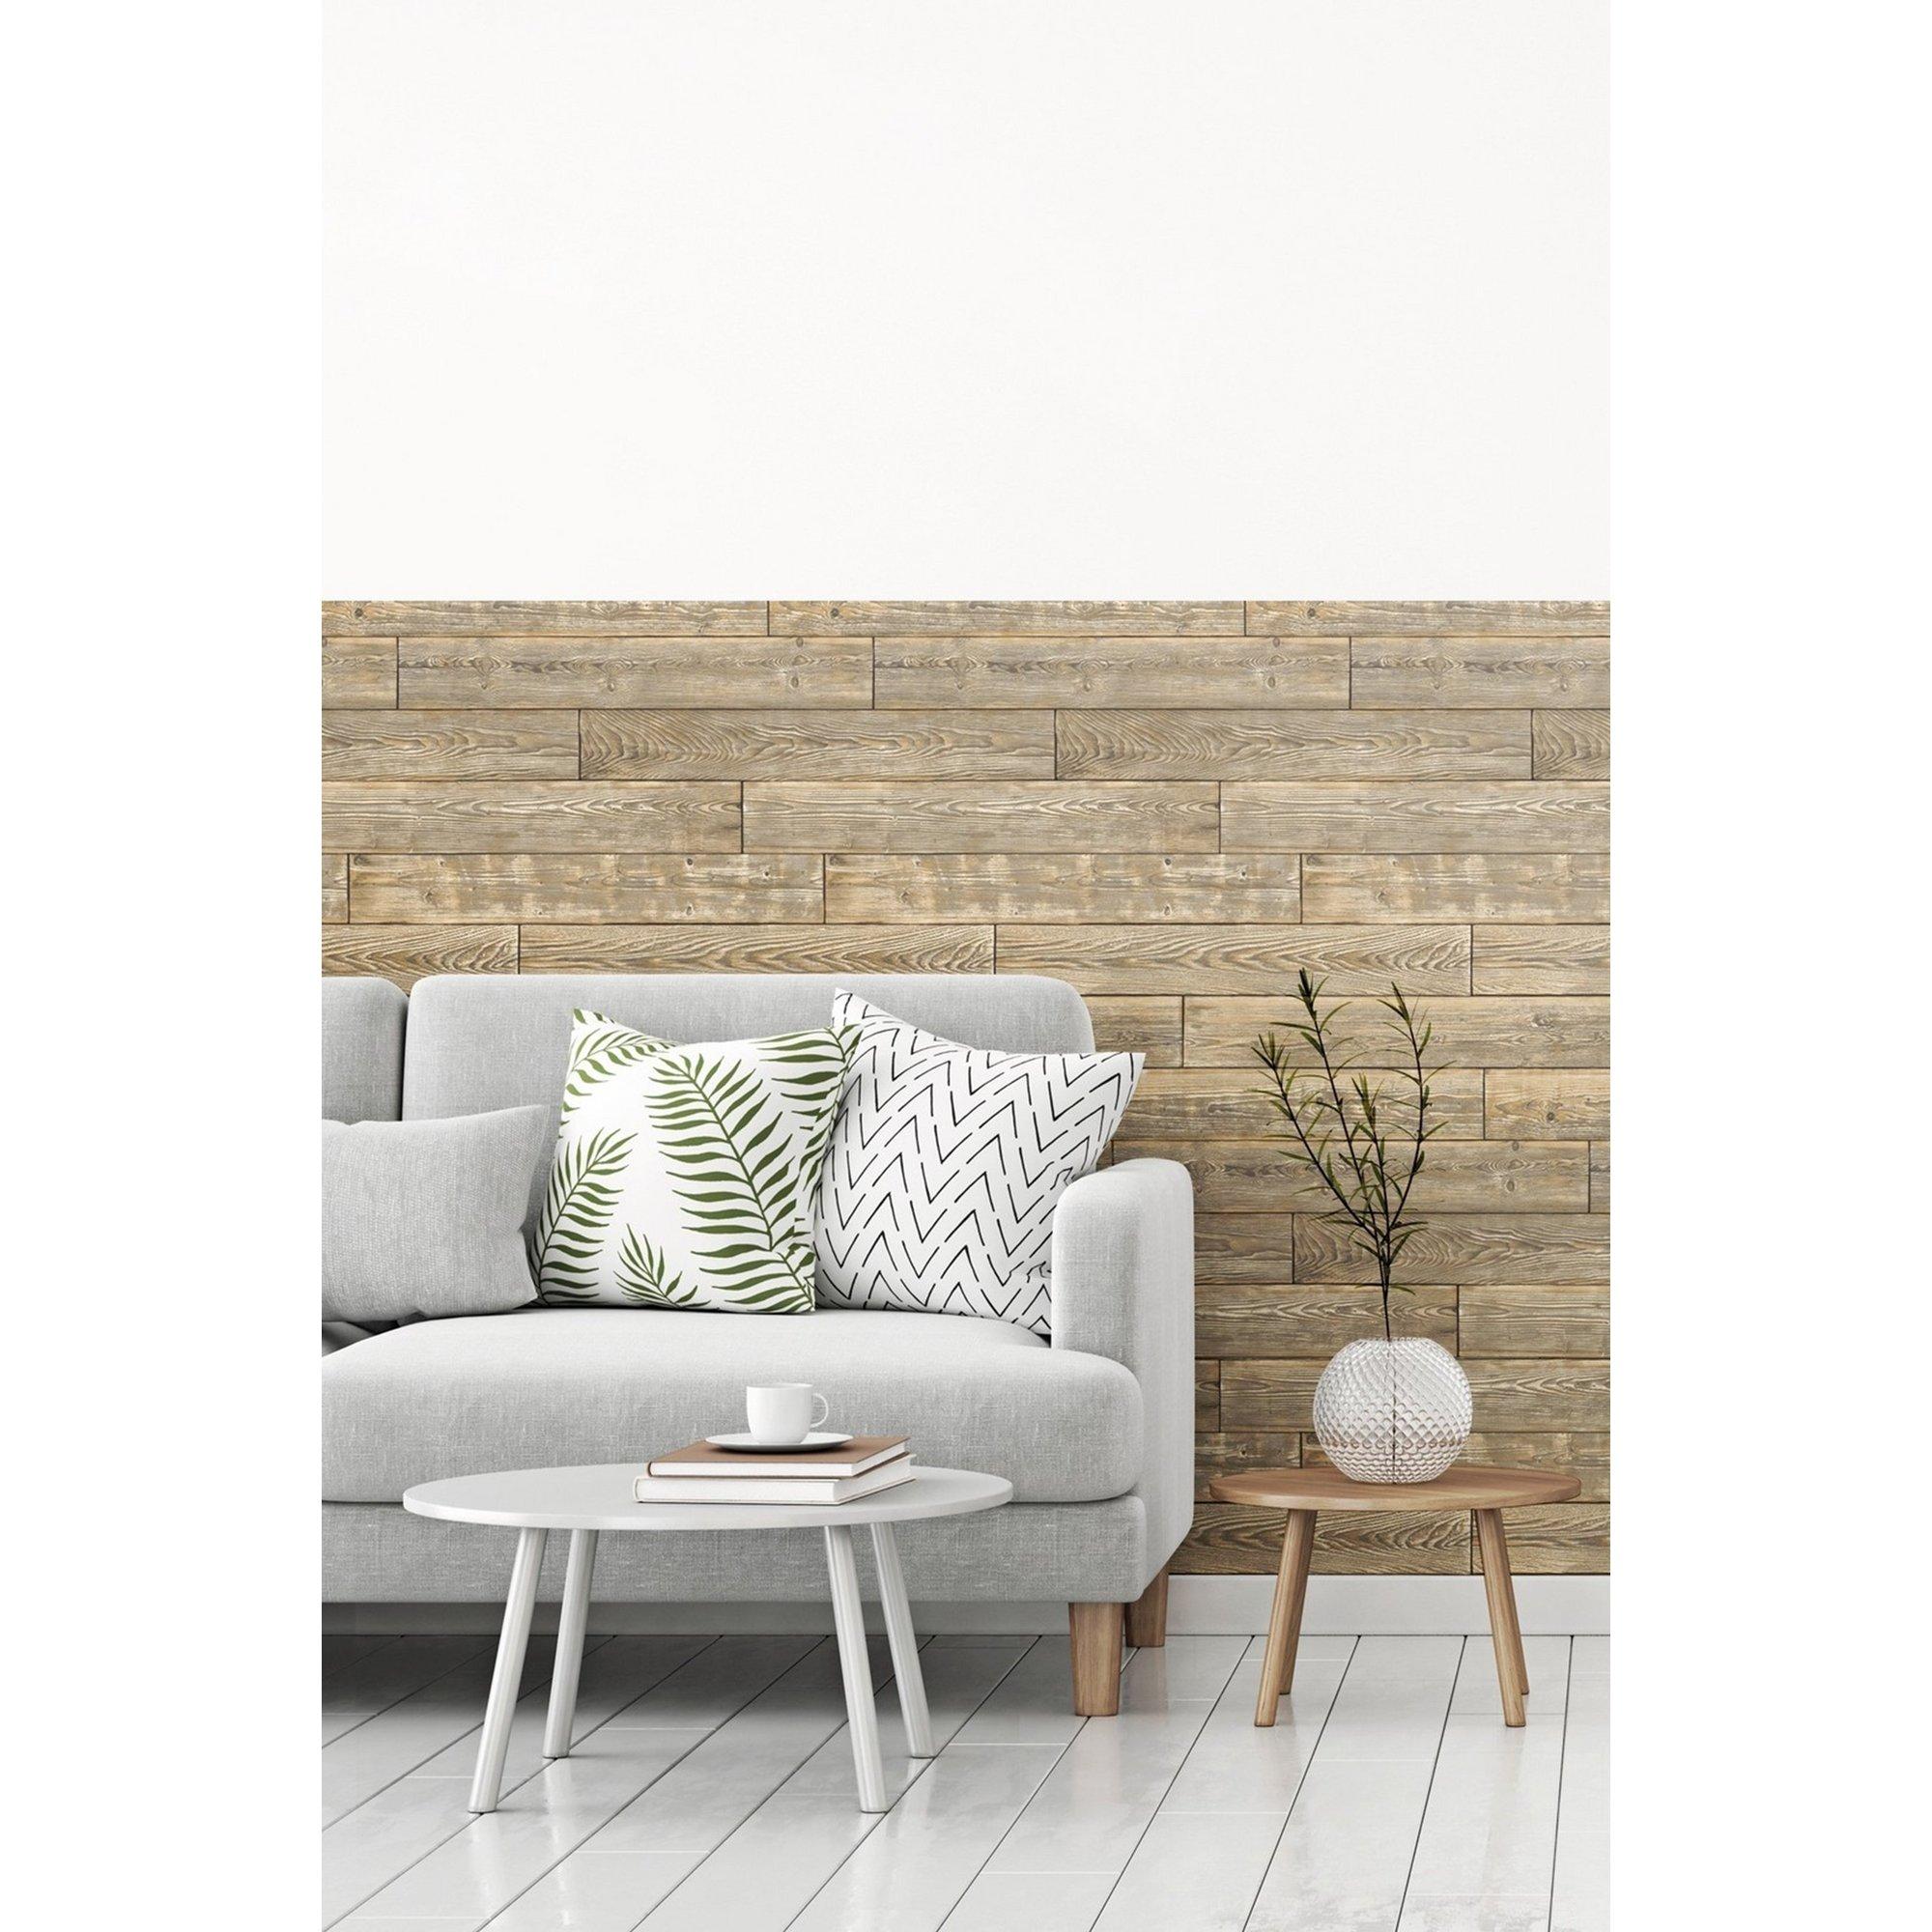 Image of D-C-Fix 3D Wallpaper for Splashbacks Shabby Wood